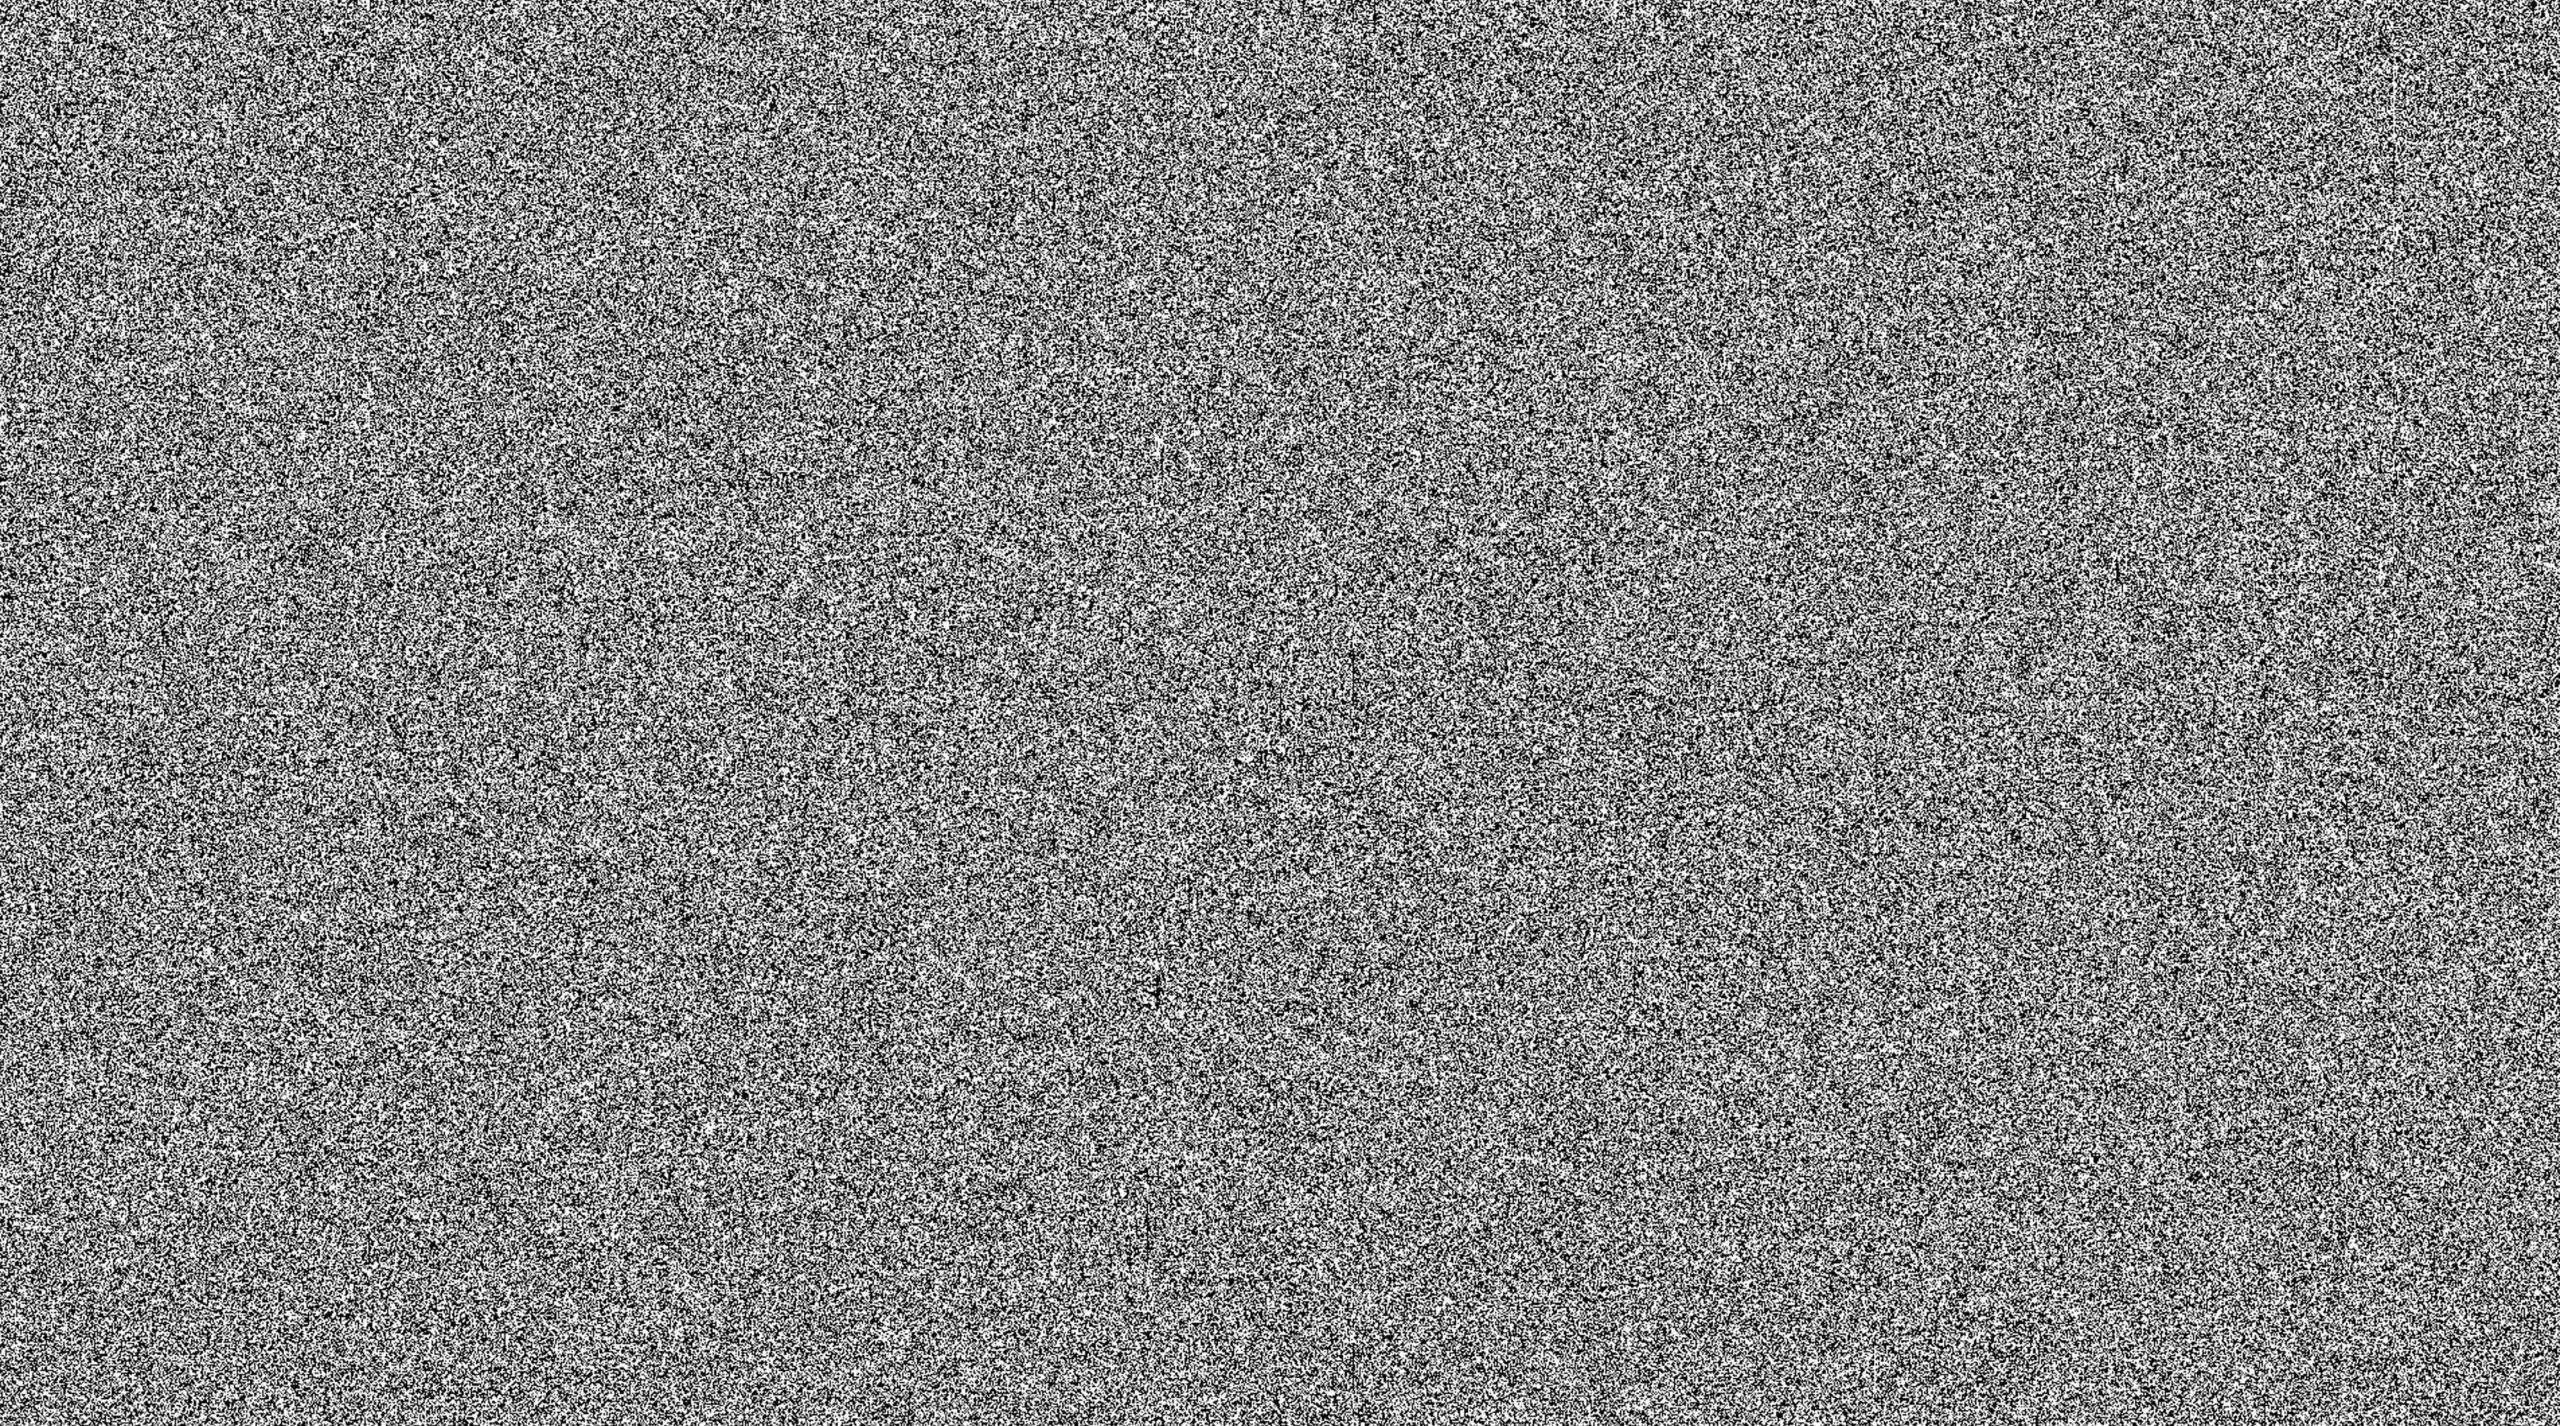 Priya Namana Static Motion 2021 video still